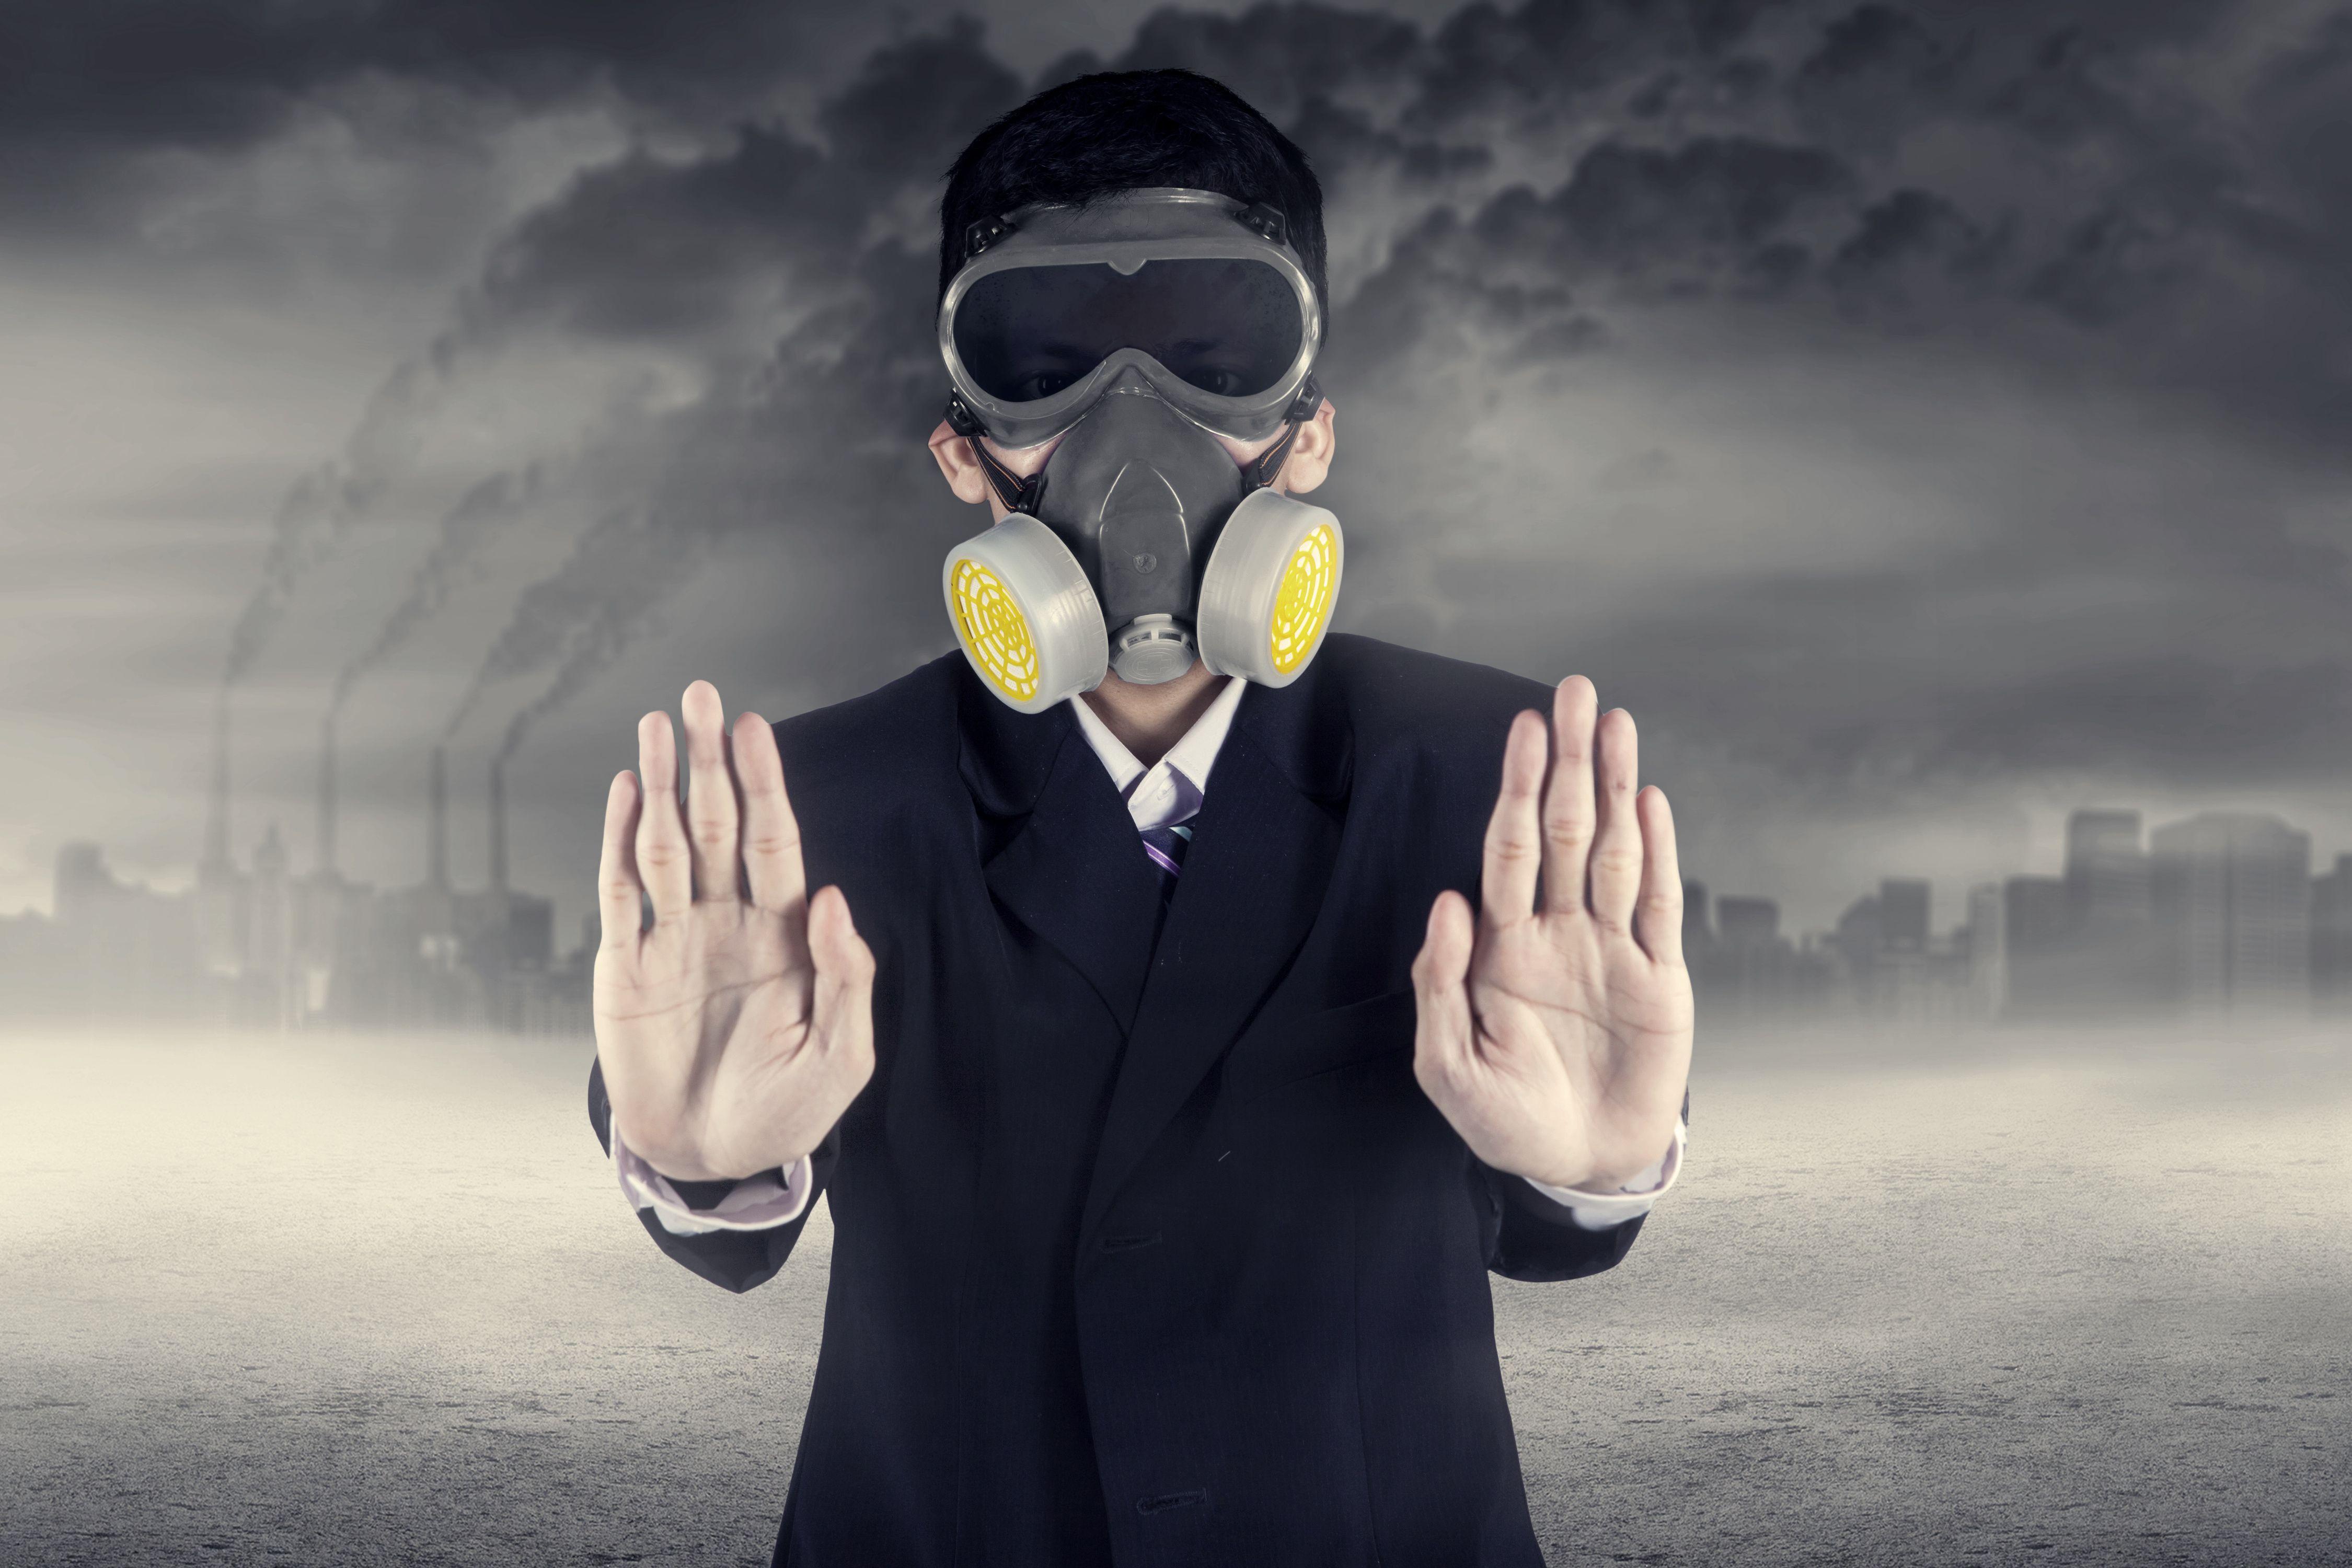 Productos químicos peligrosos y sin control